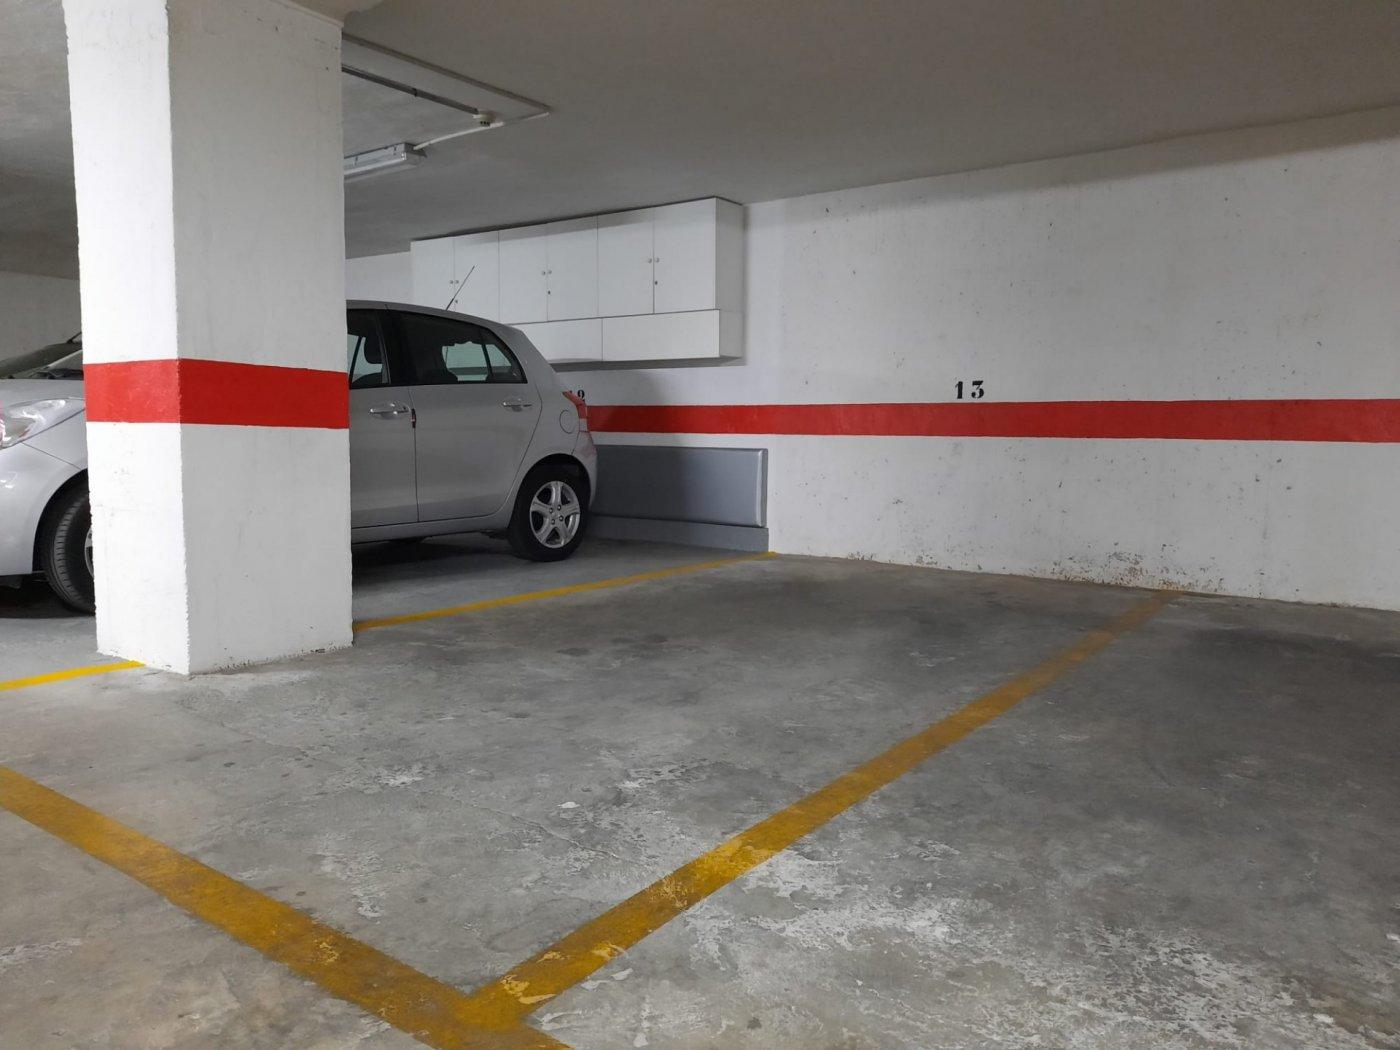 Garaje en  sotano con elevador  en plaza prado - imagenInmueble4